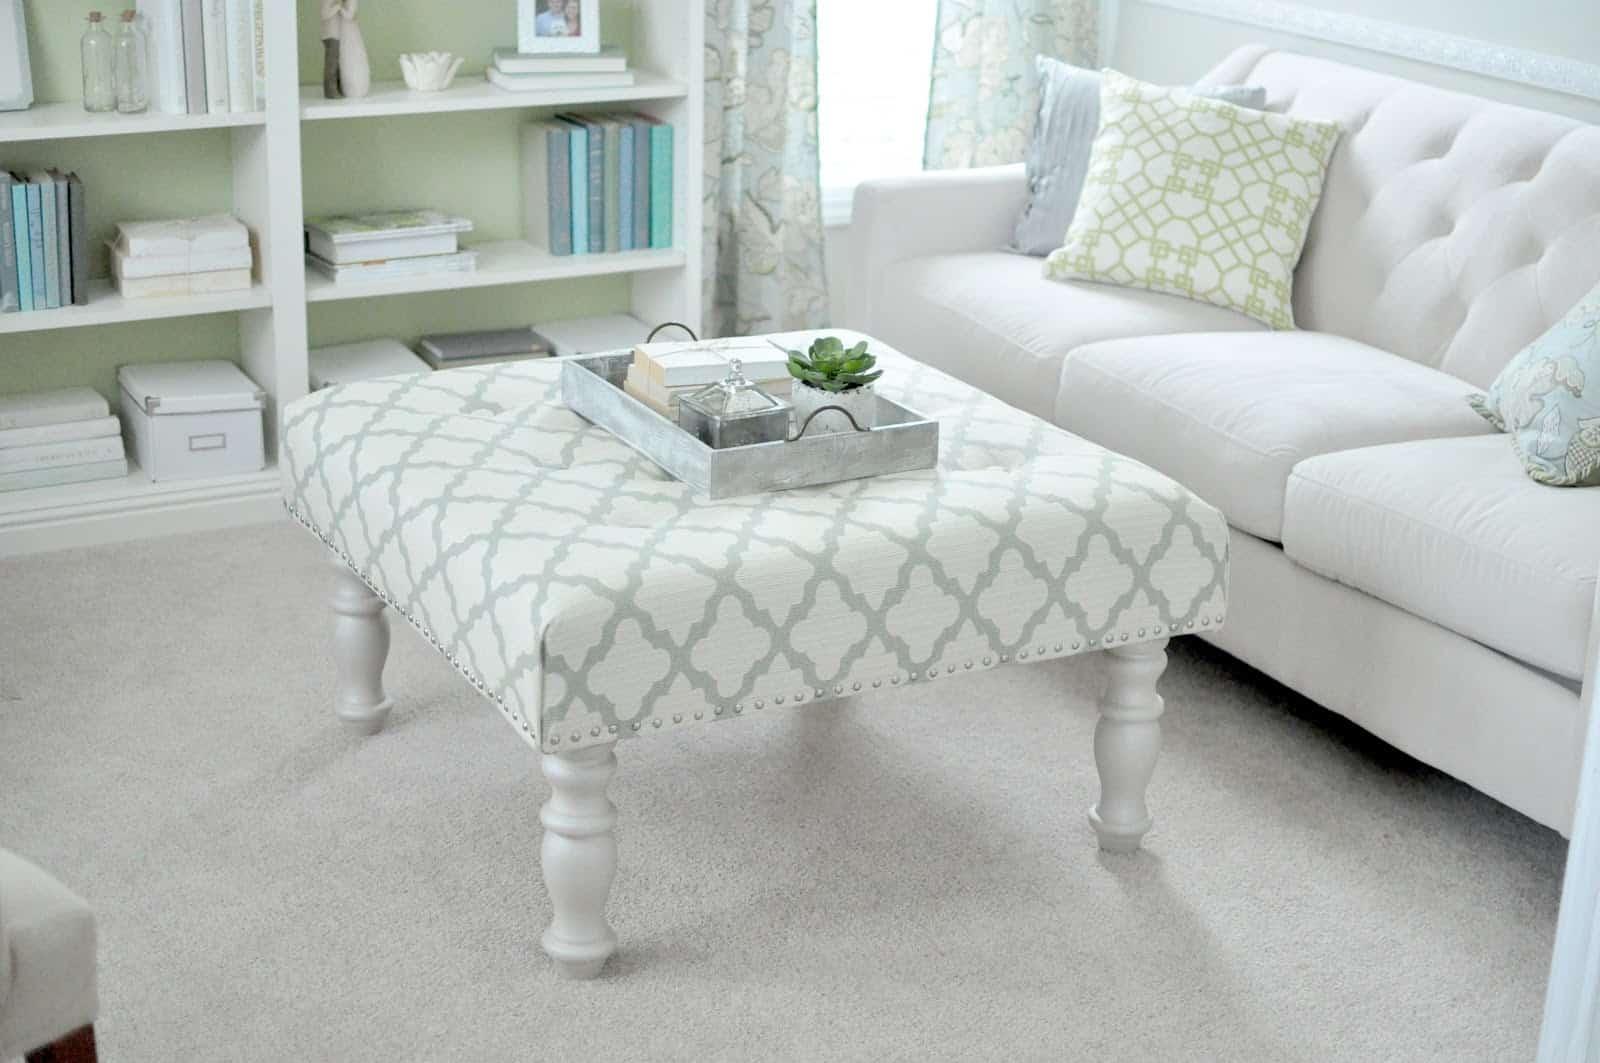 White upholstered ottoman